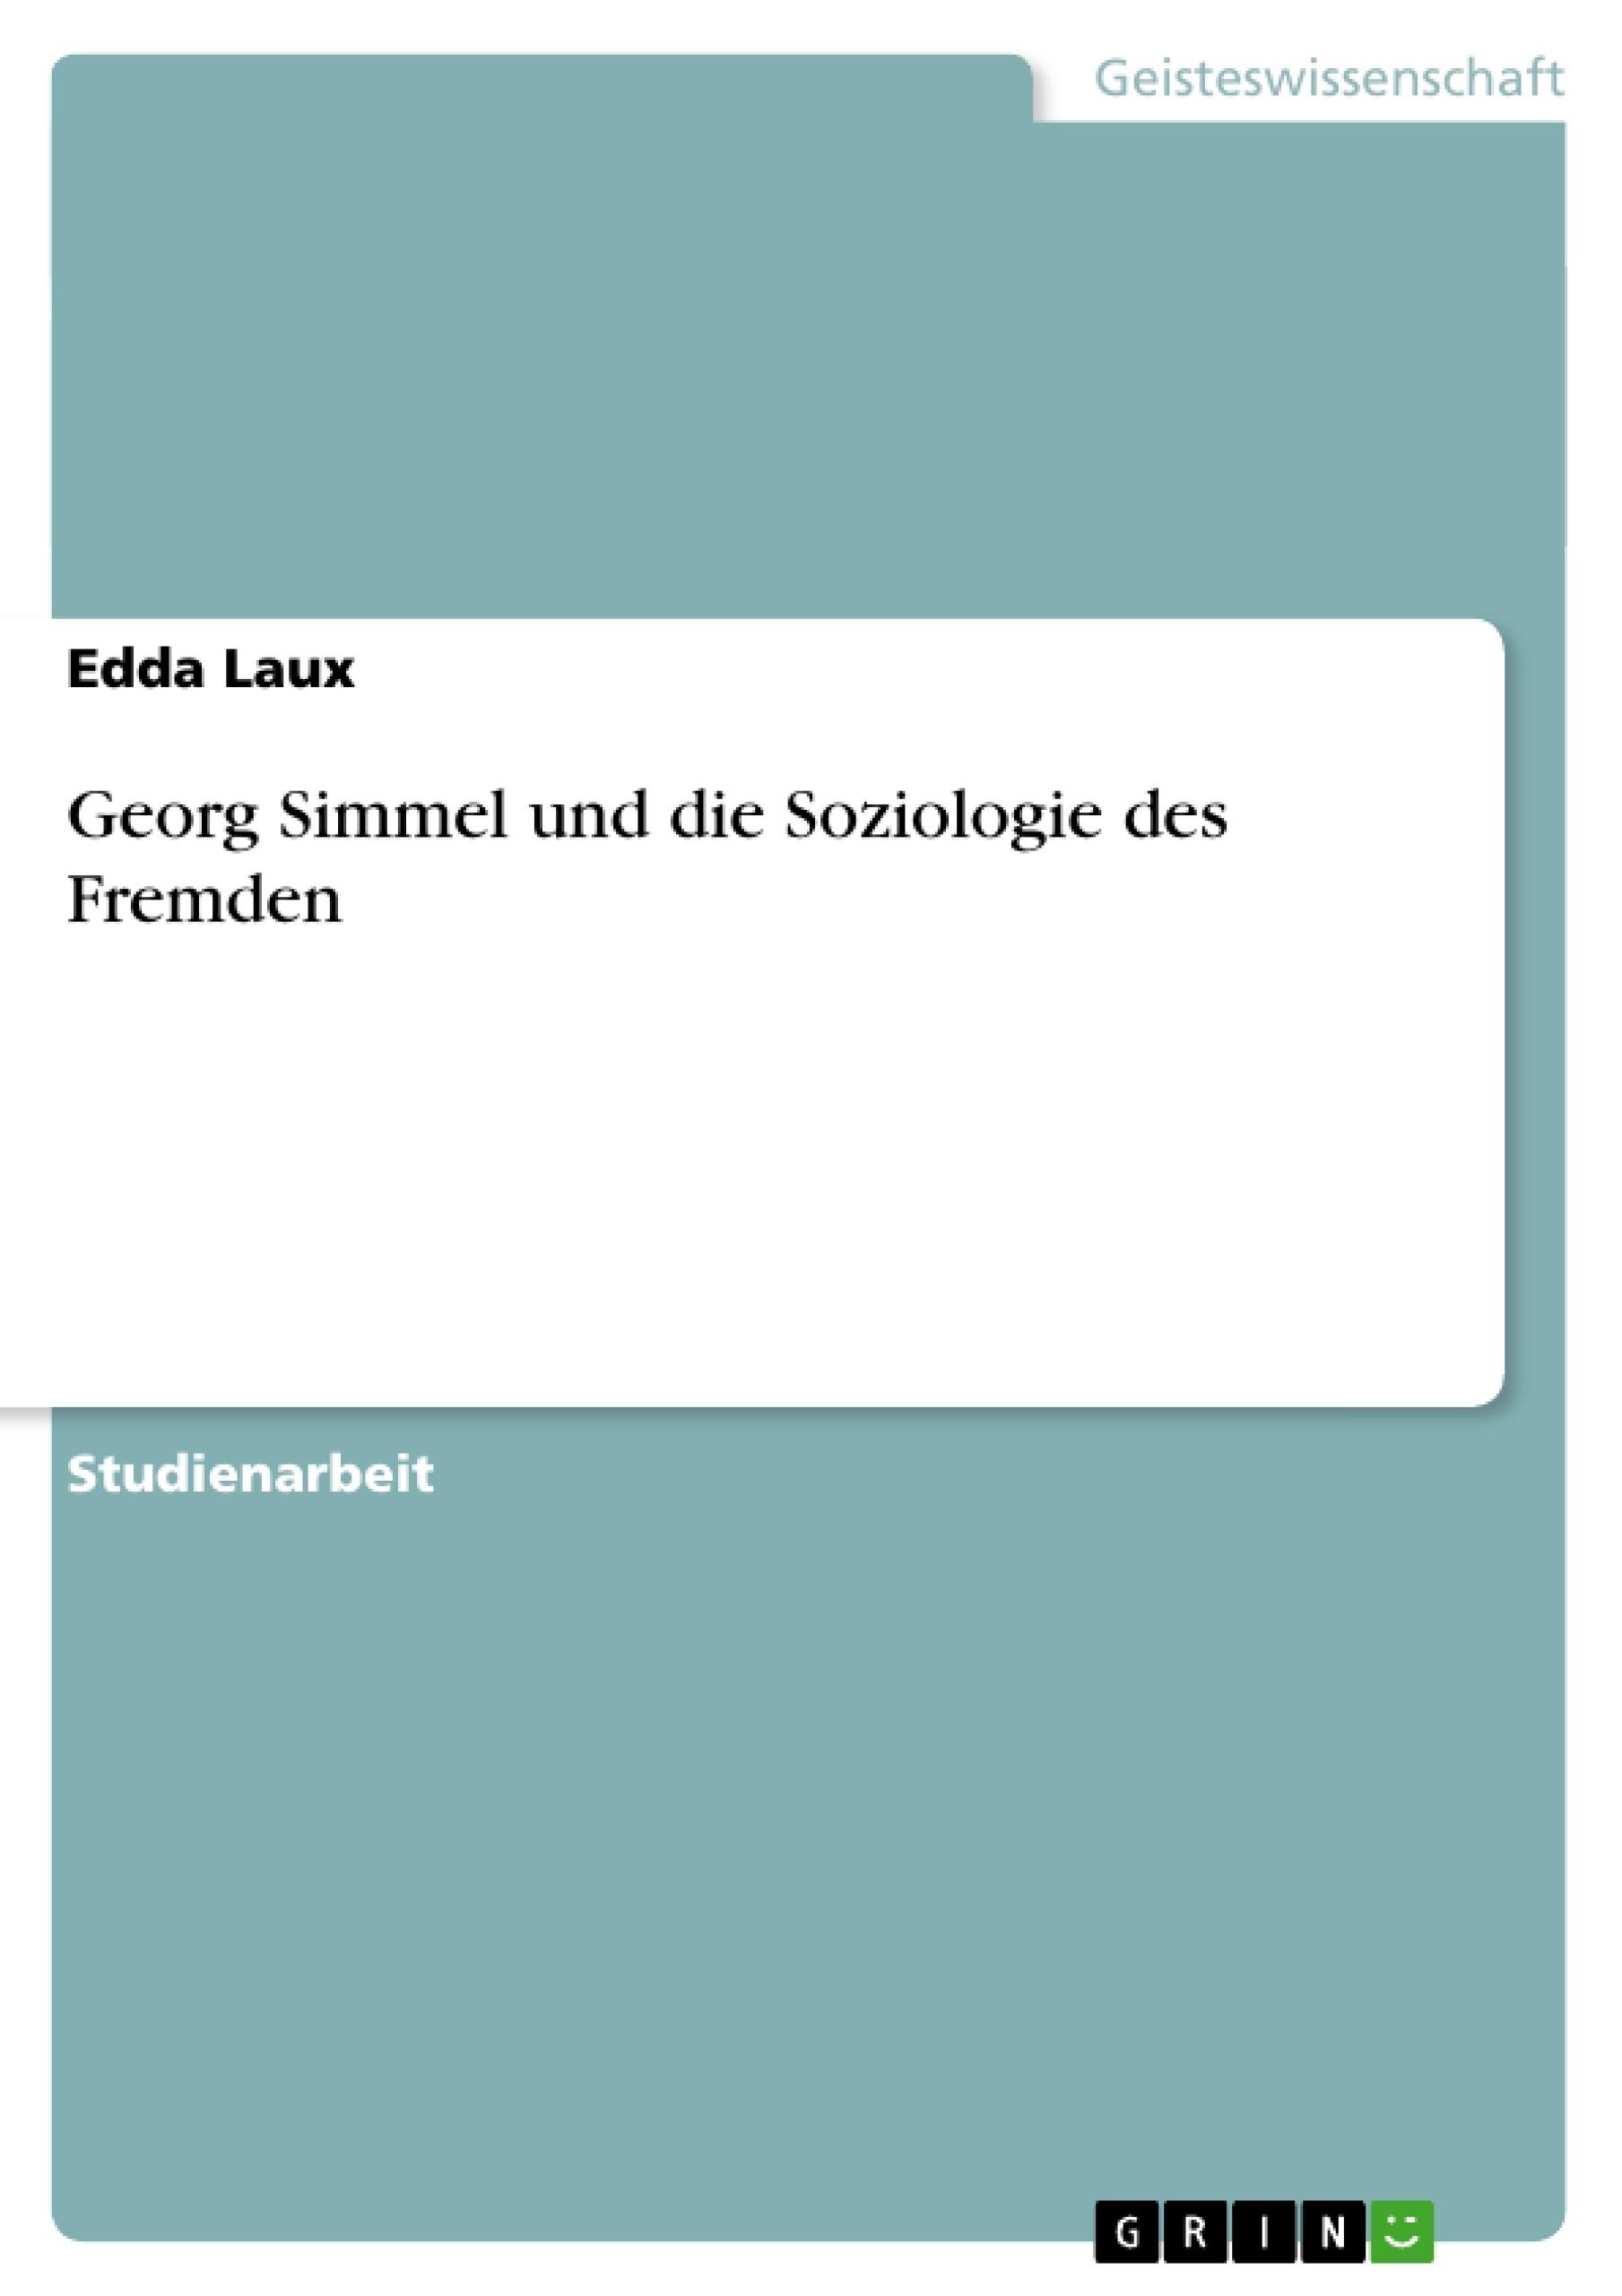 Titel: Georg Simmel und die Soziologie des Fremden